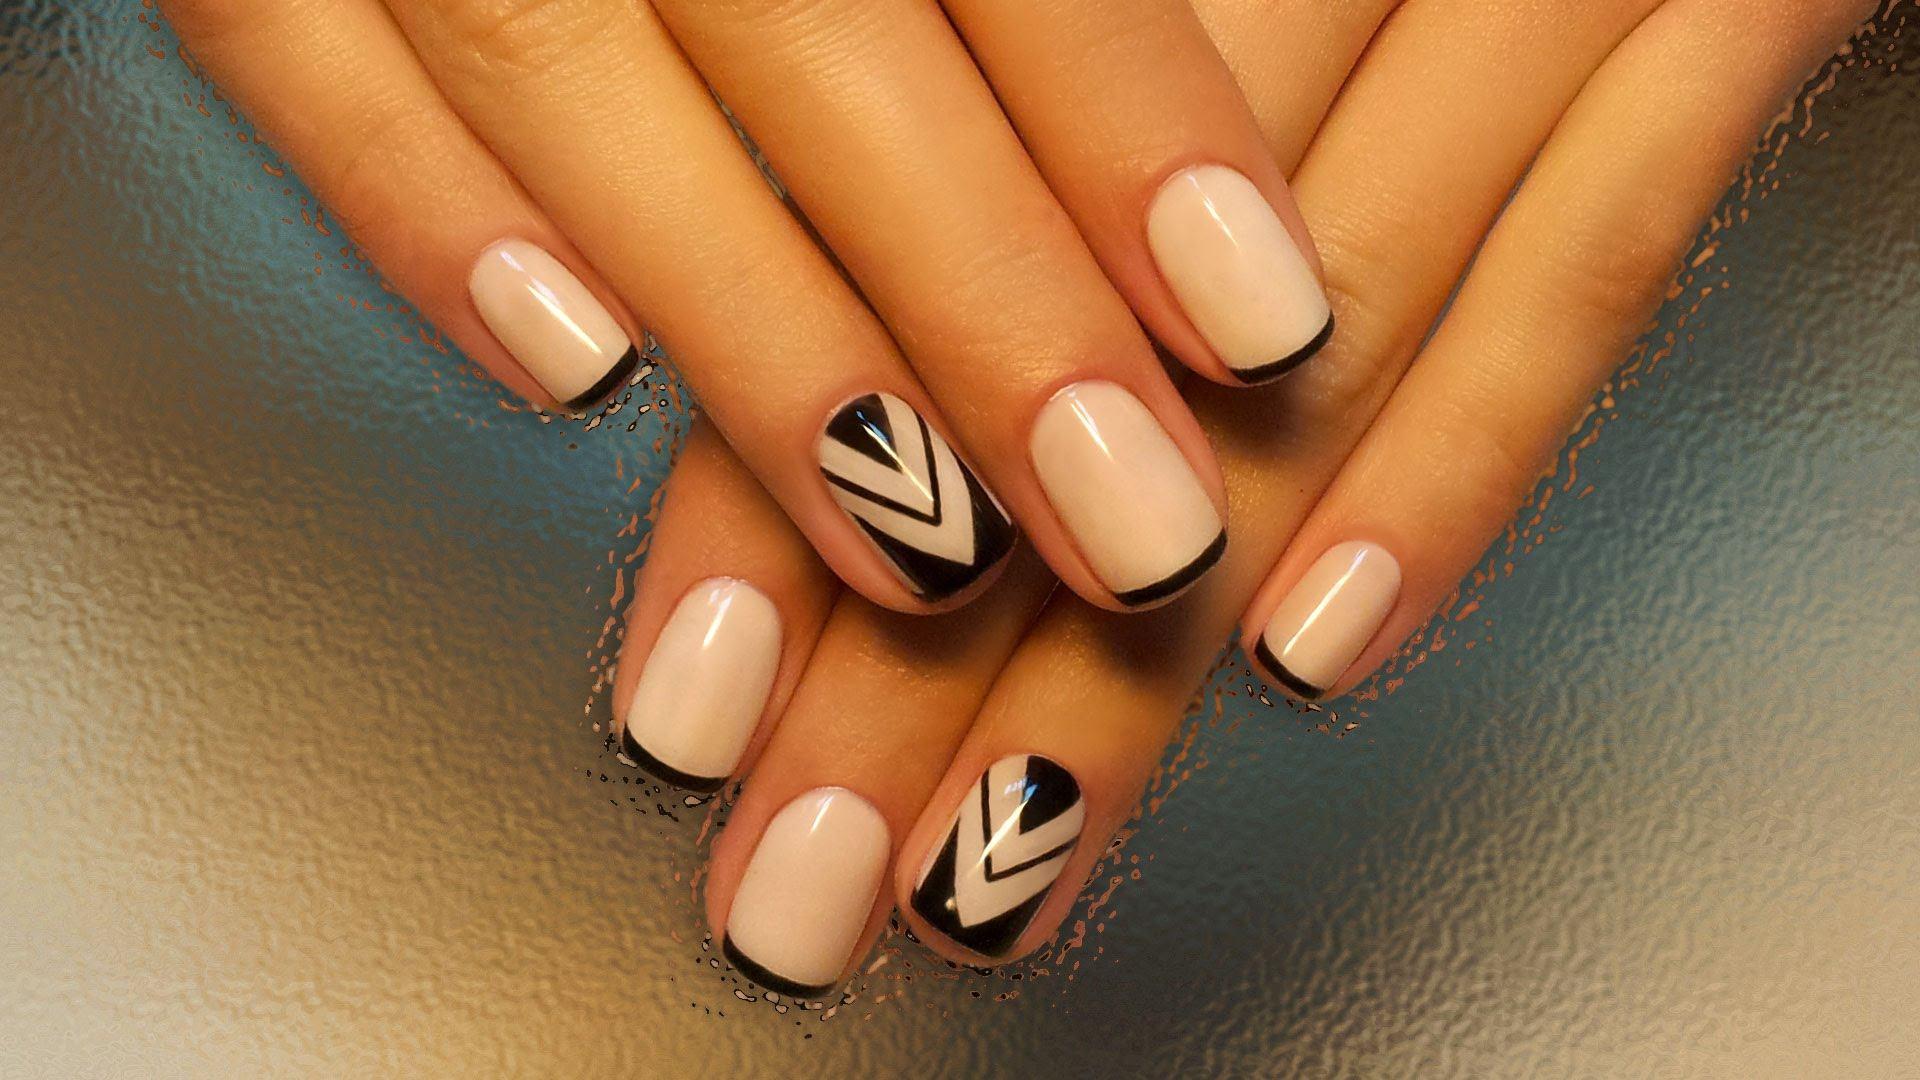 Идеи дизайна ногтей гель лаком на короткие ногти фото